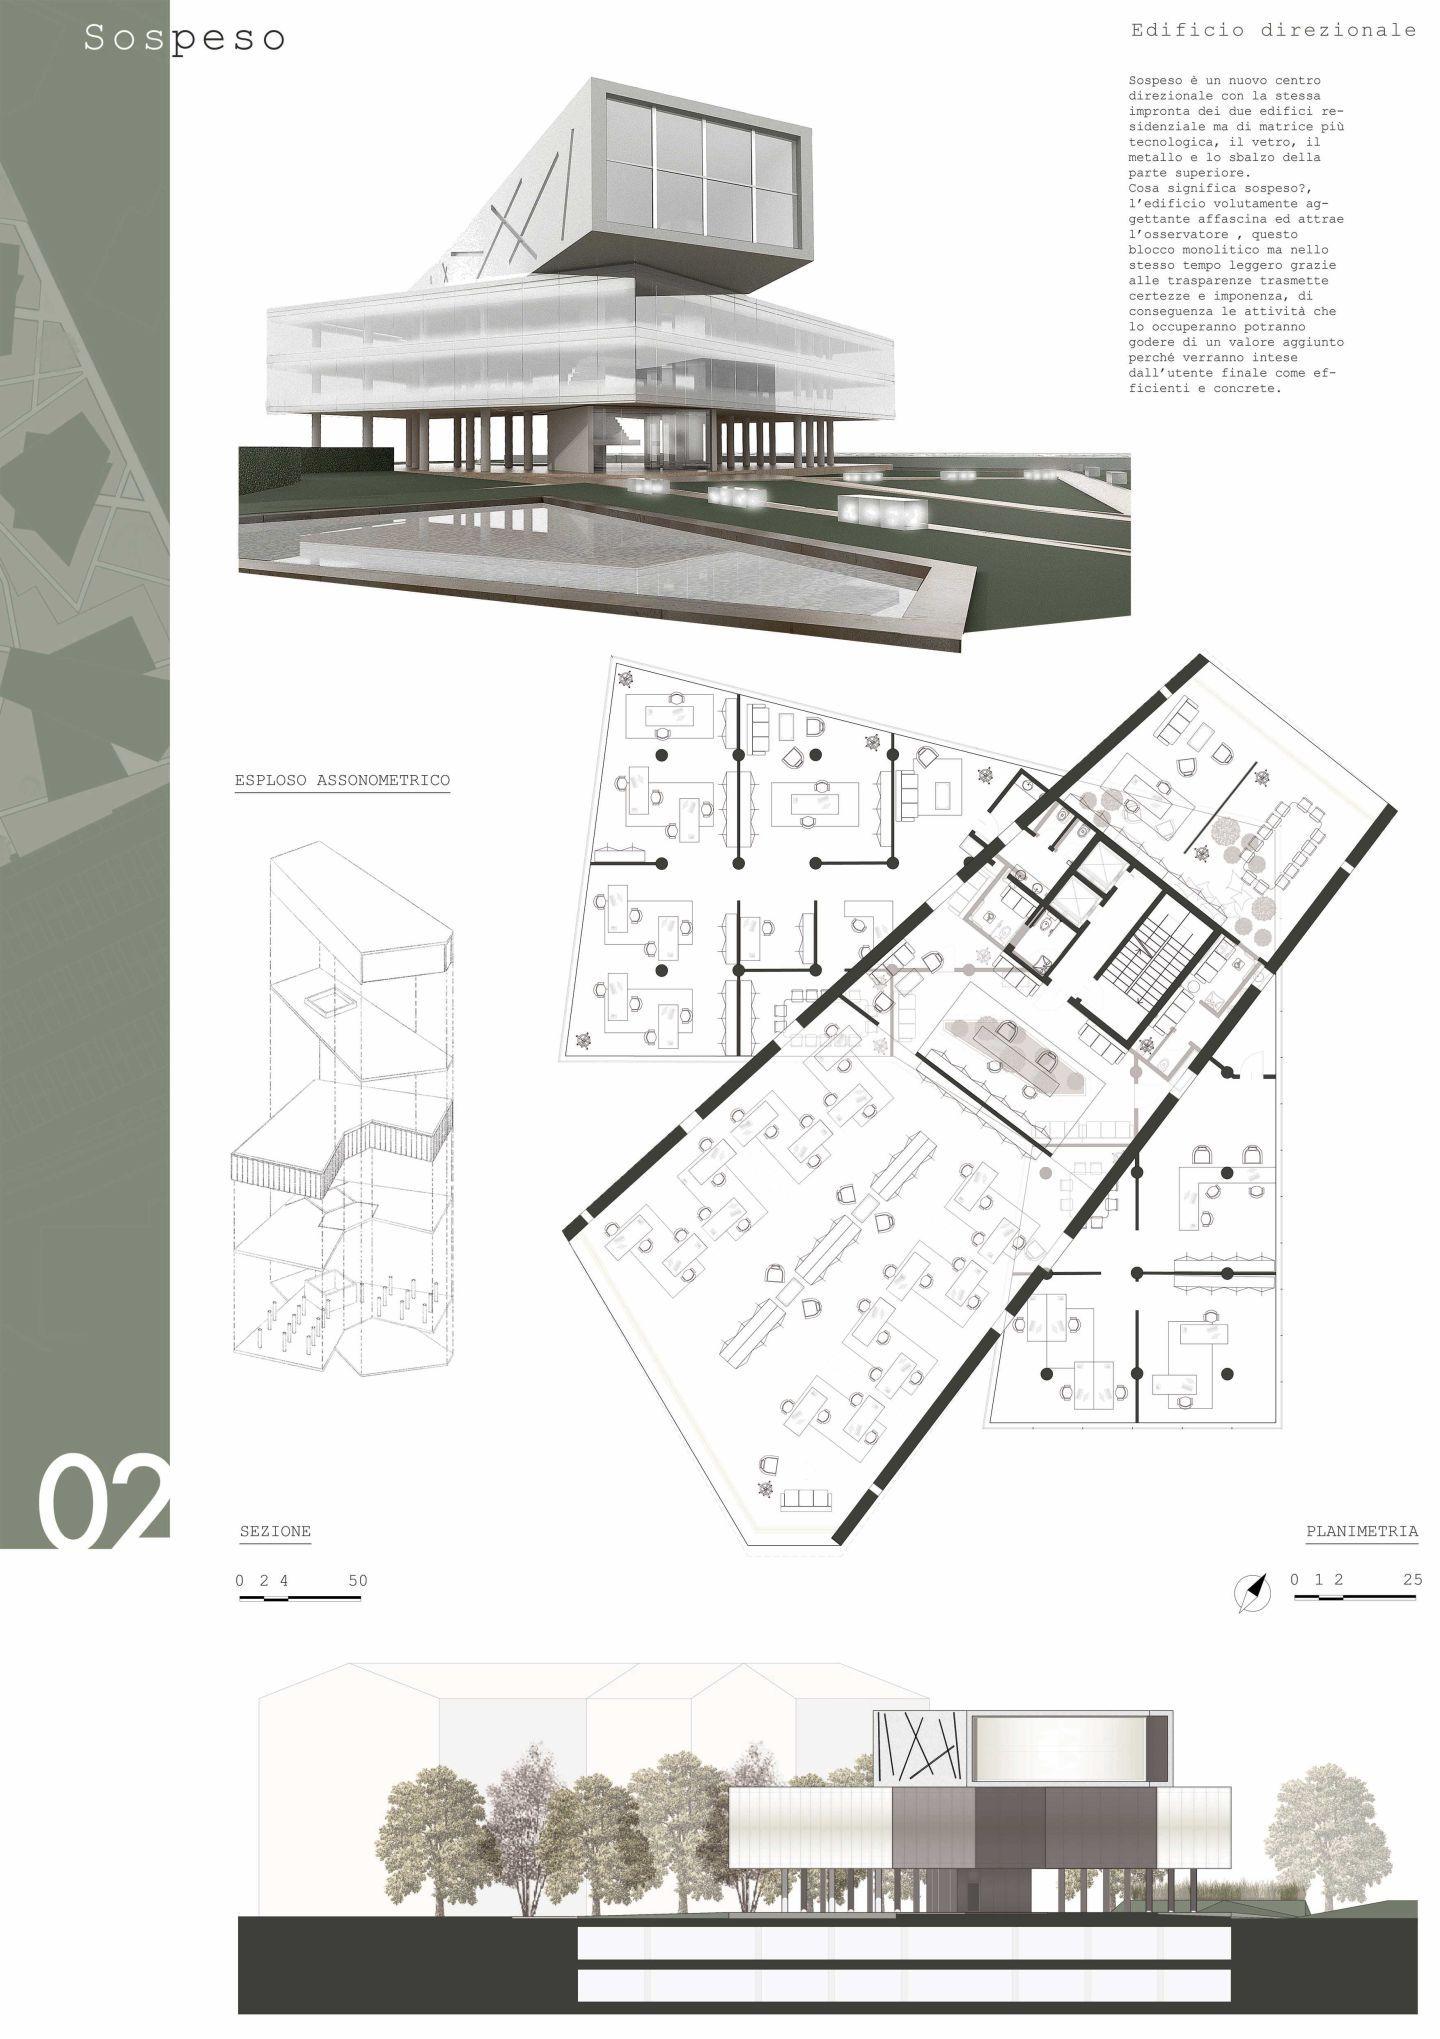 Complesso direzionale residenziale brescia your for Progetti architettura on line